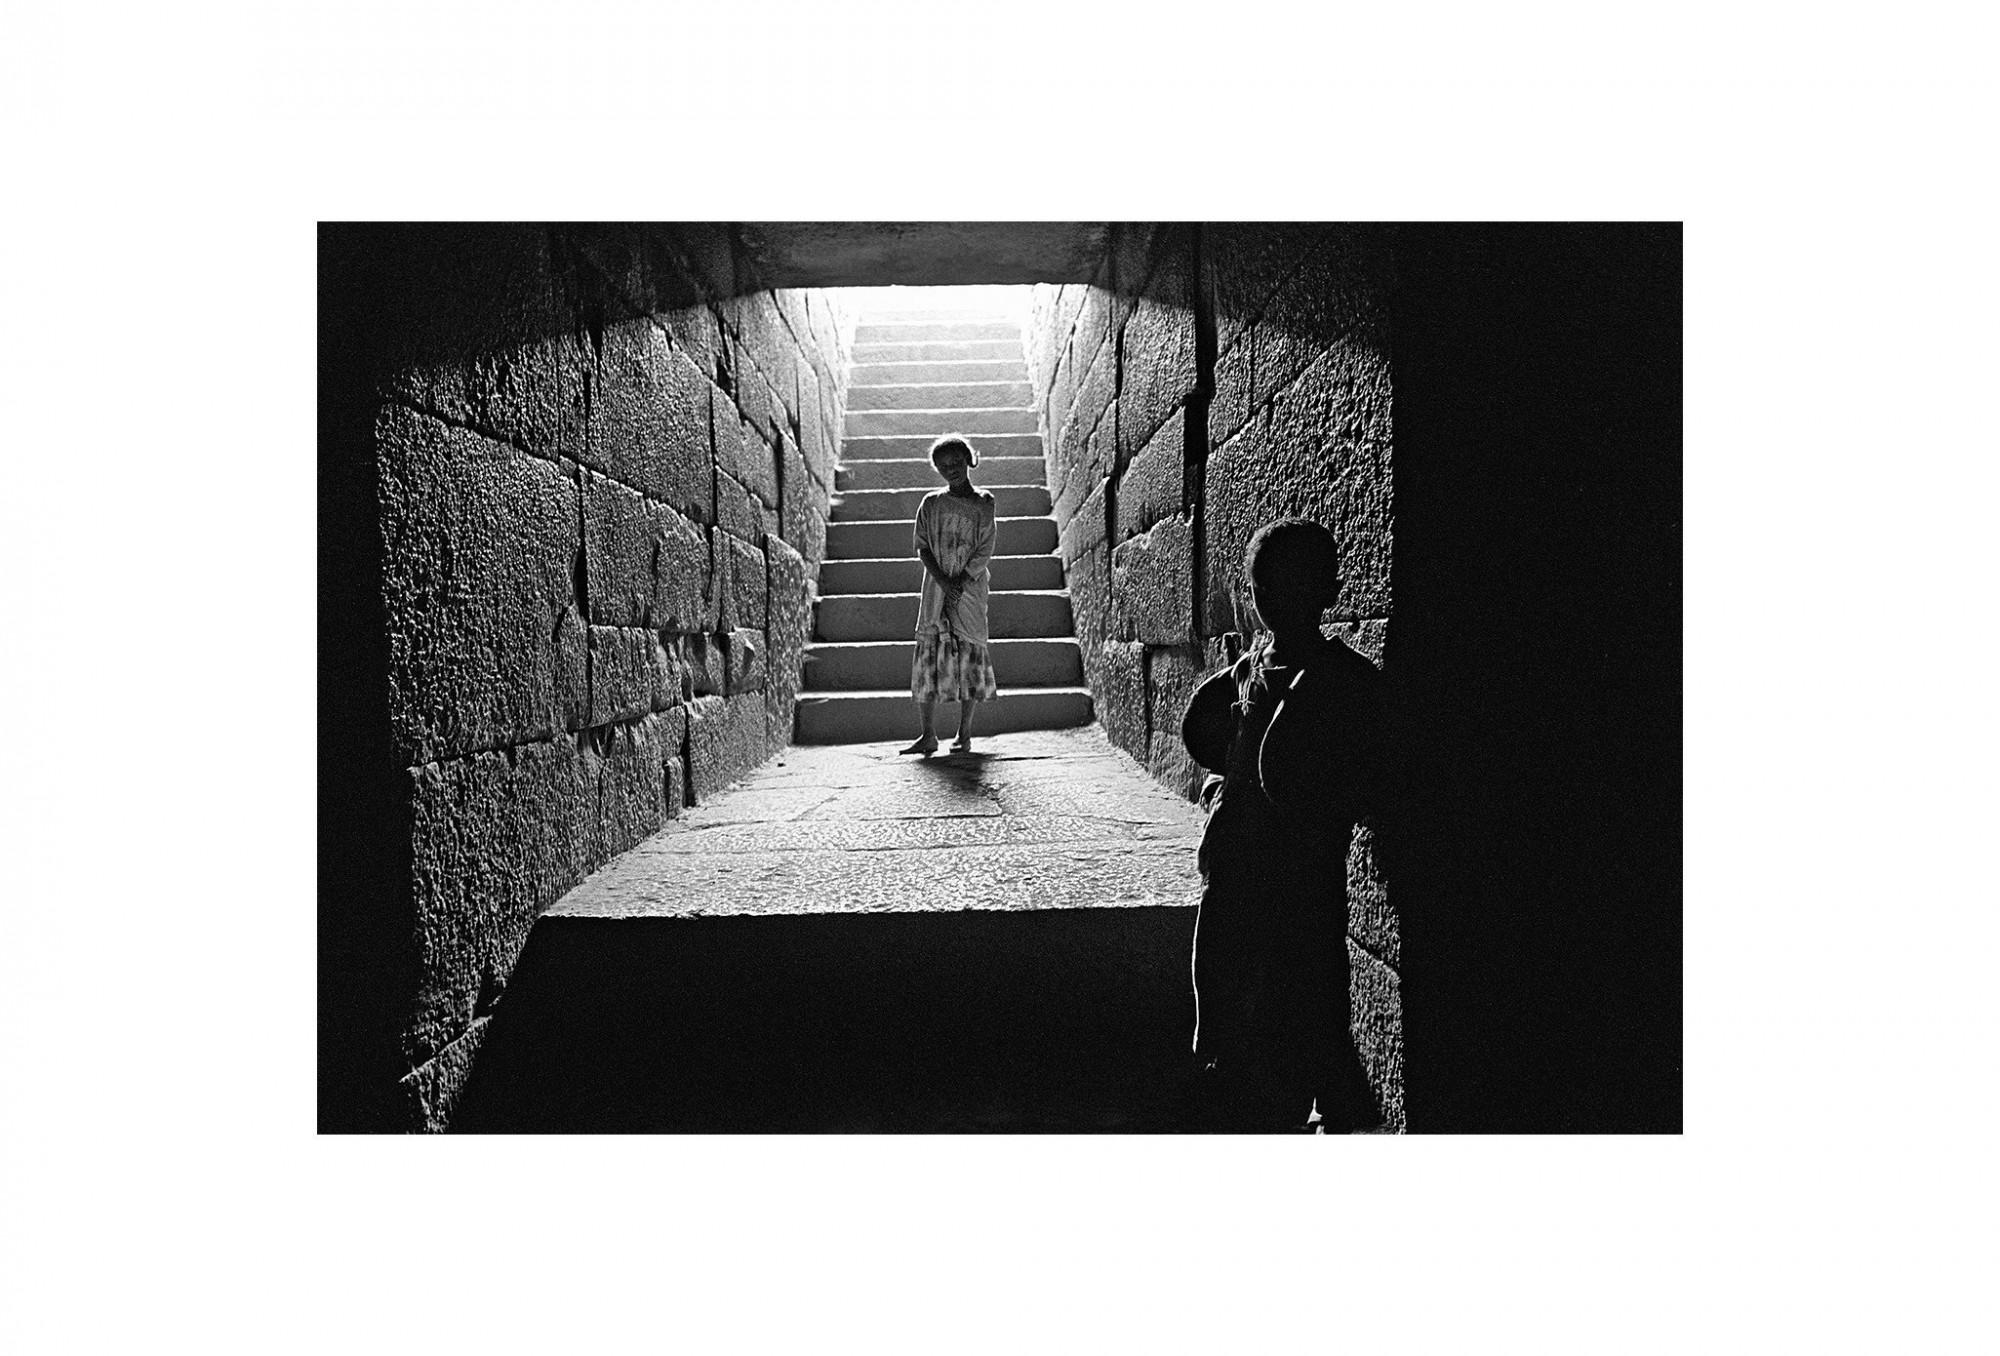 Afbeelding: Fotografie - Art, uit de reeks : De kleur van zwart. Ethiopië, 02-18-03, © Dominique Van Huffel.